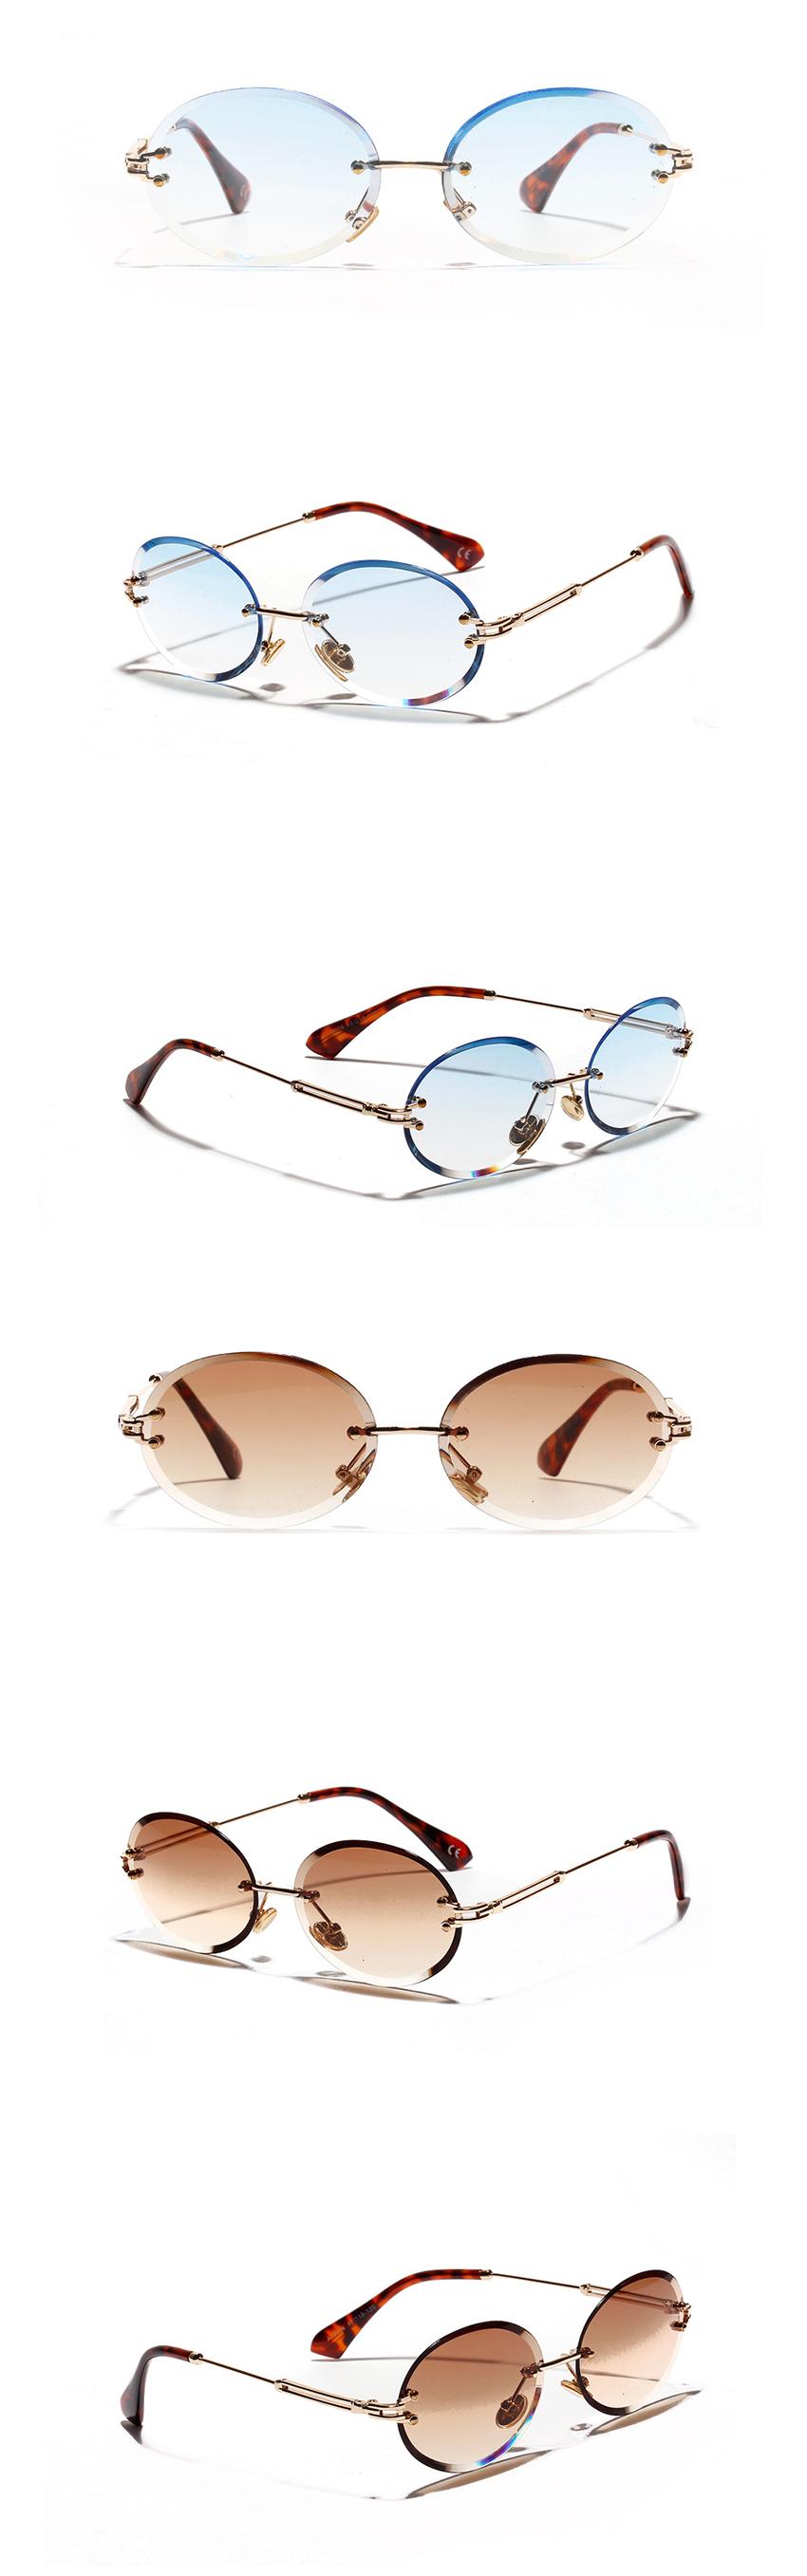 تسلط هدية تذكارية على أي حال Light Transmission Sunglasses Psidiagnosticins Com